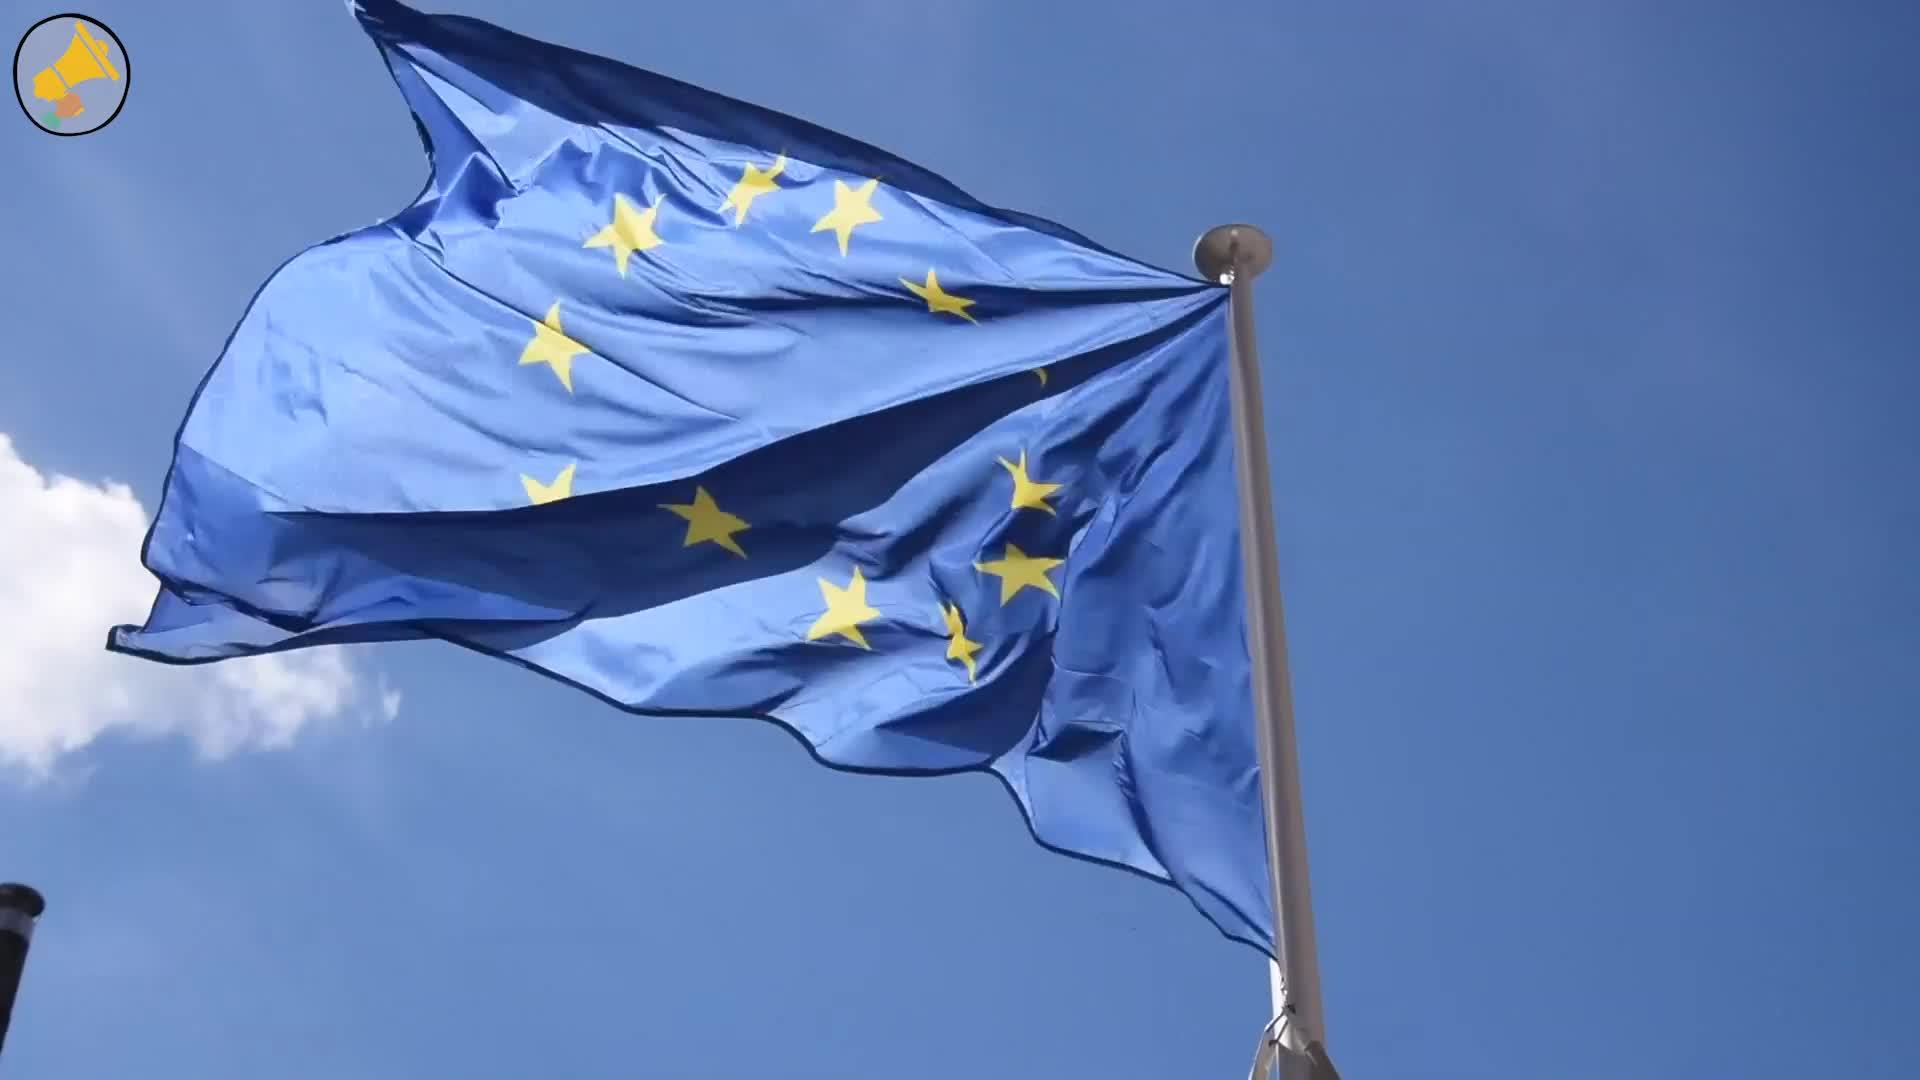 Europe : des jeunes pour mettre KO l'extrême droite